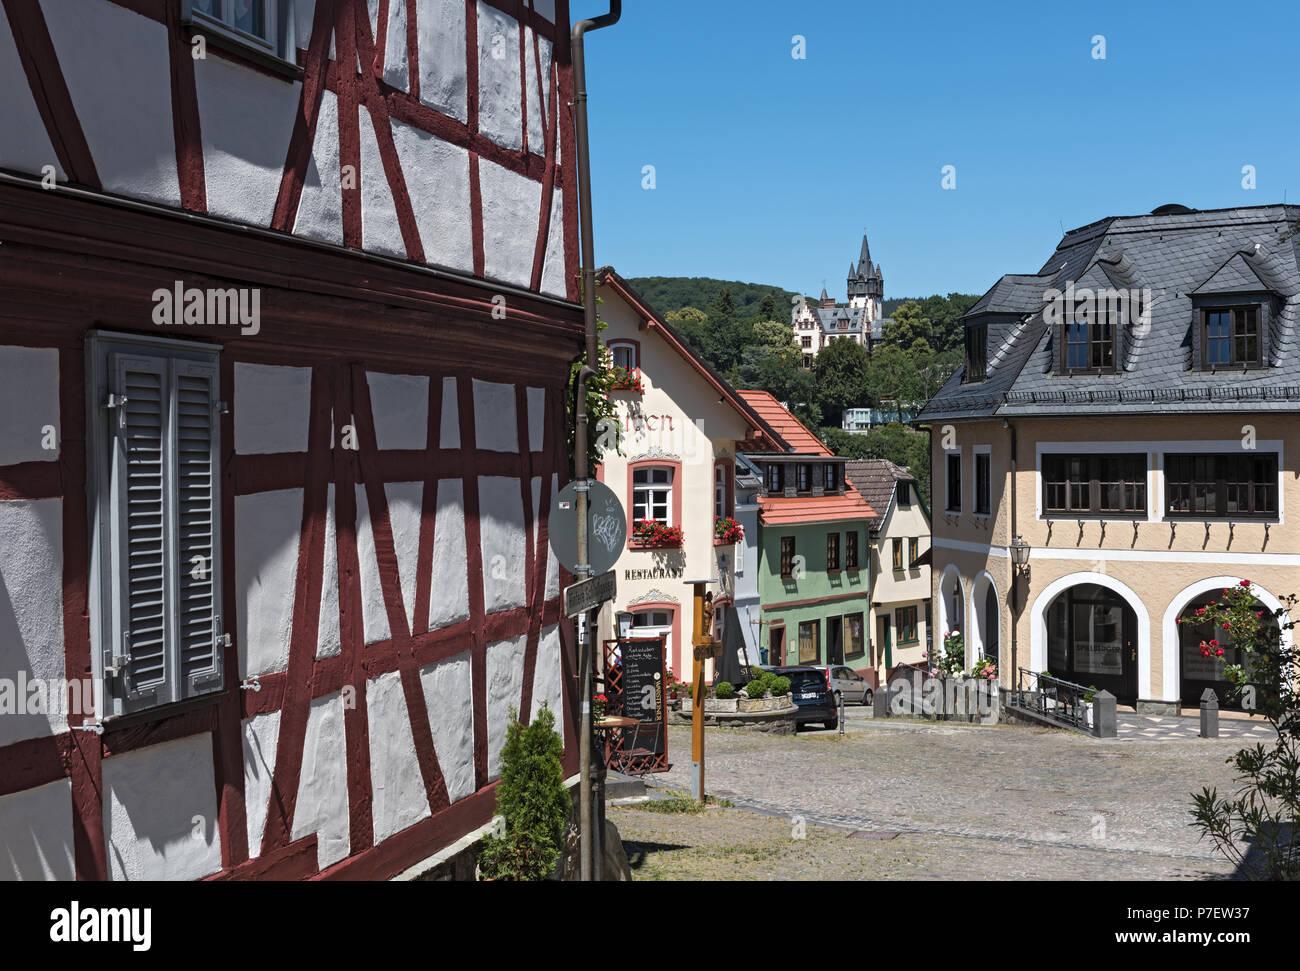 Pequeña plaza con casas antiguas en el casco antiguo de Königstein, Hesse, Alemania Imagen De Stock